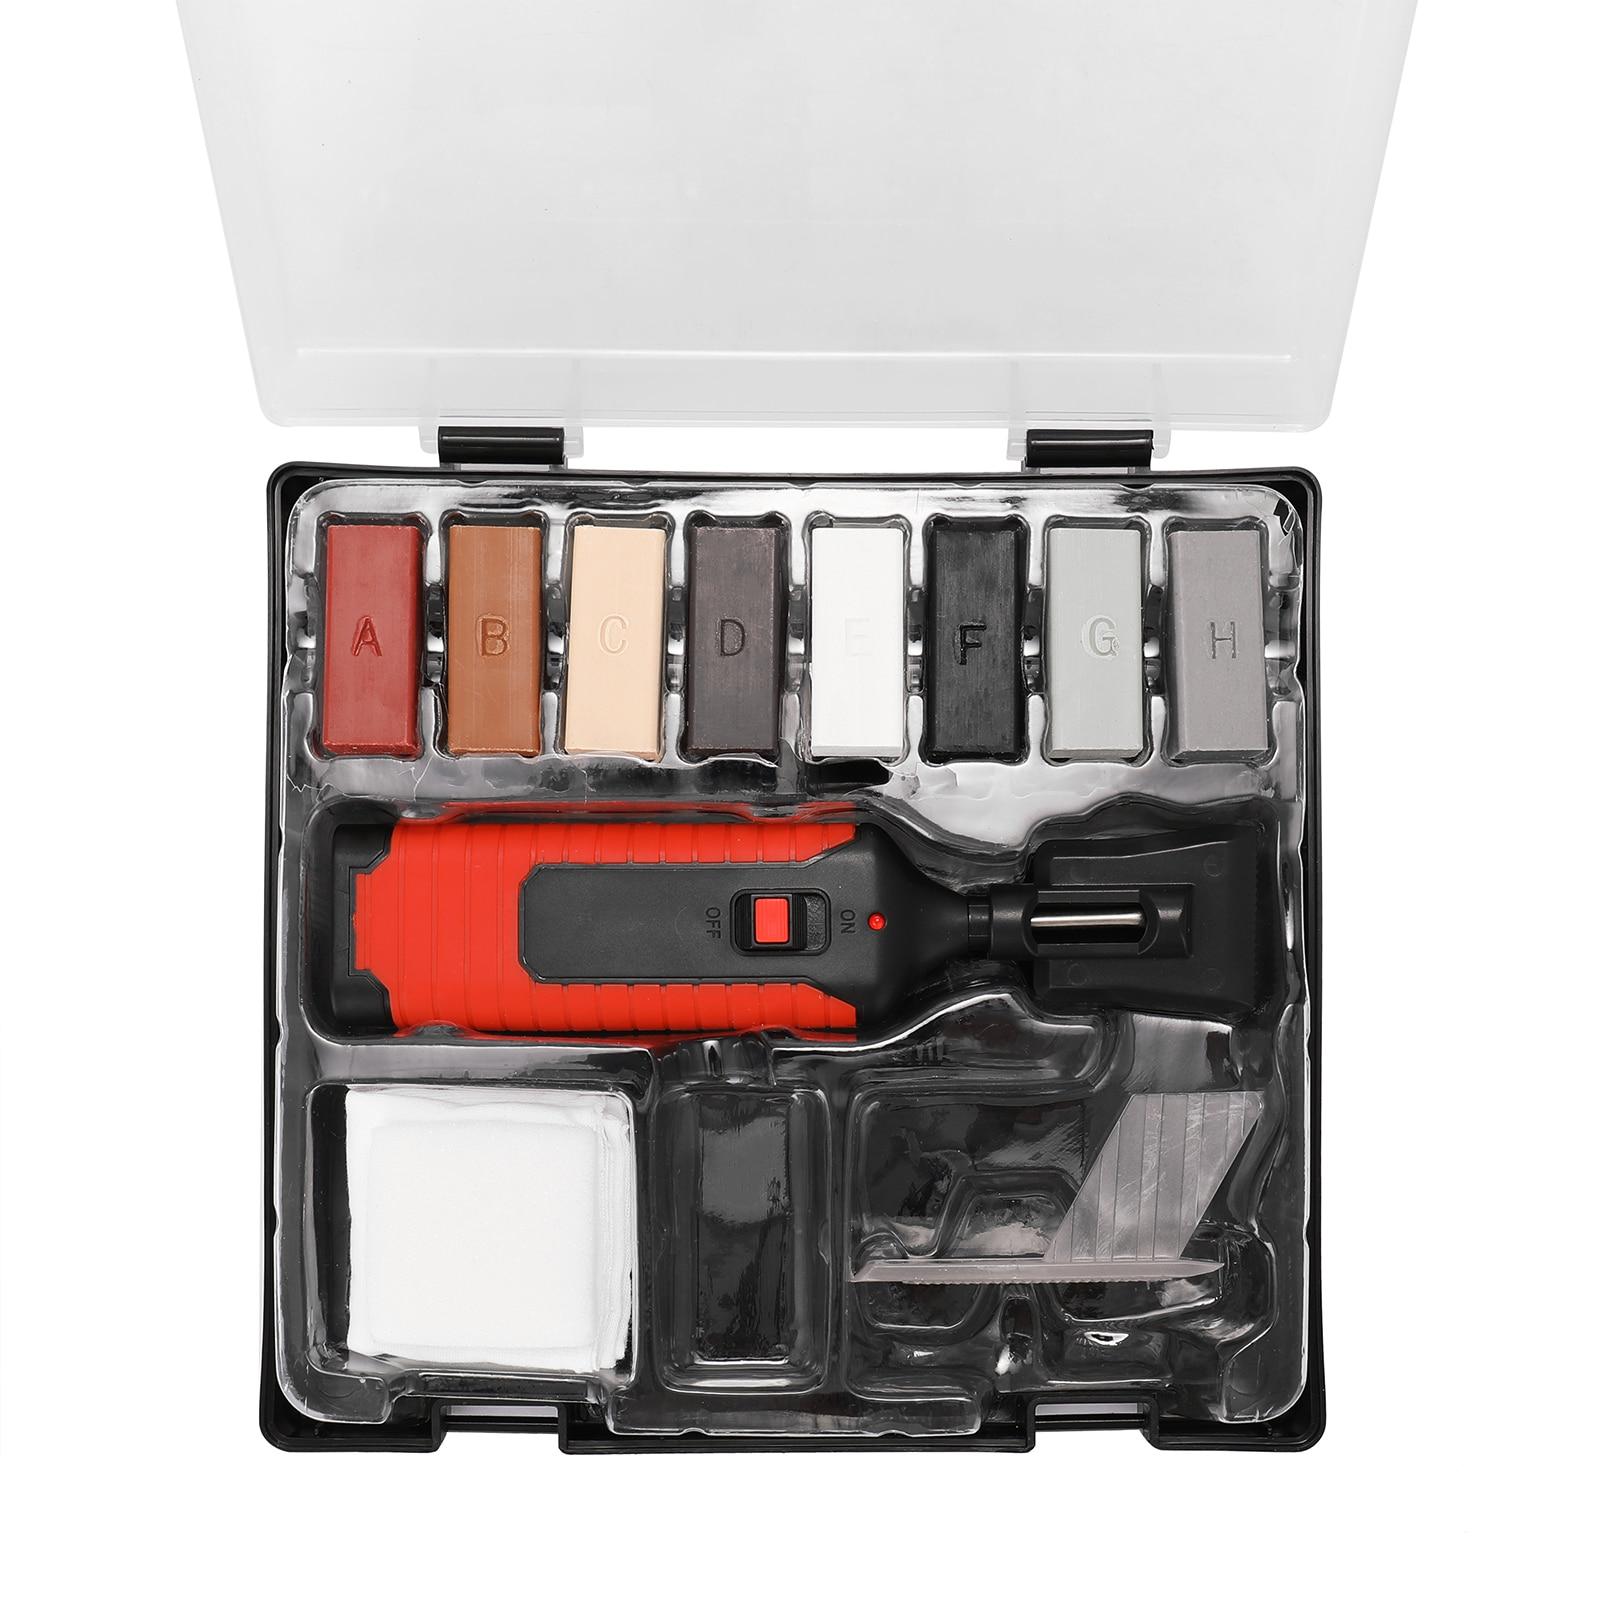 مجموعة أدوات إصلاح بلاط السيراميك ، مجموعة أدوات إصلاح افعلها بنفسك ، المنزل ، إصلاح الكراك ، ملء البلاط ، أداة إصلاح السطح